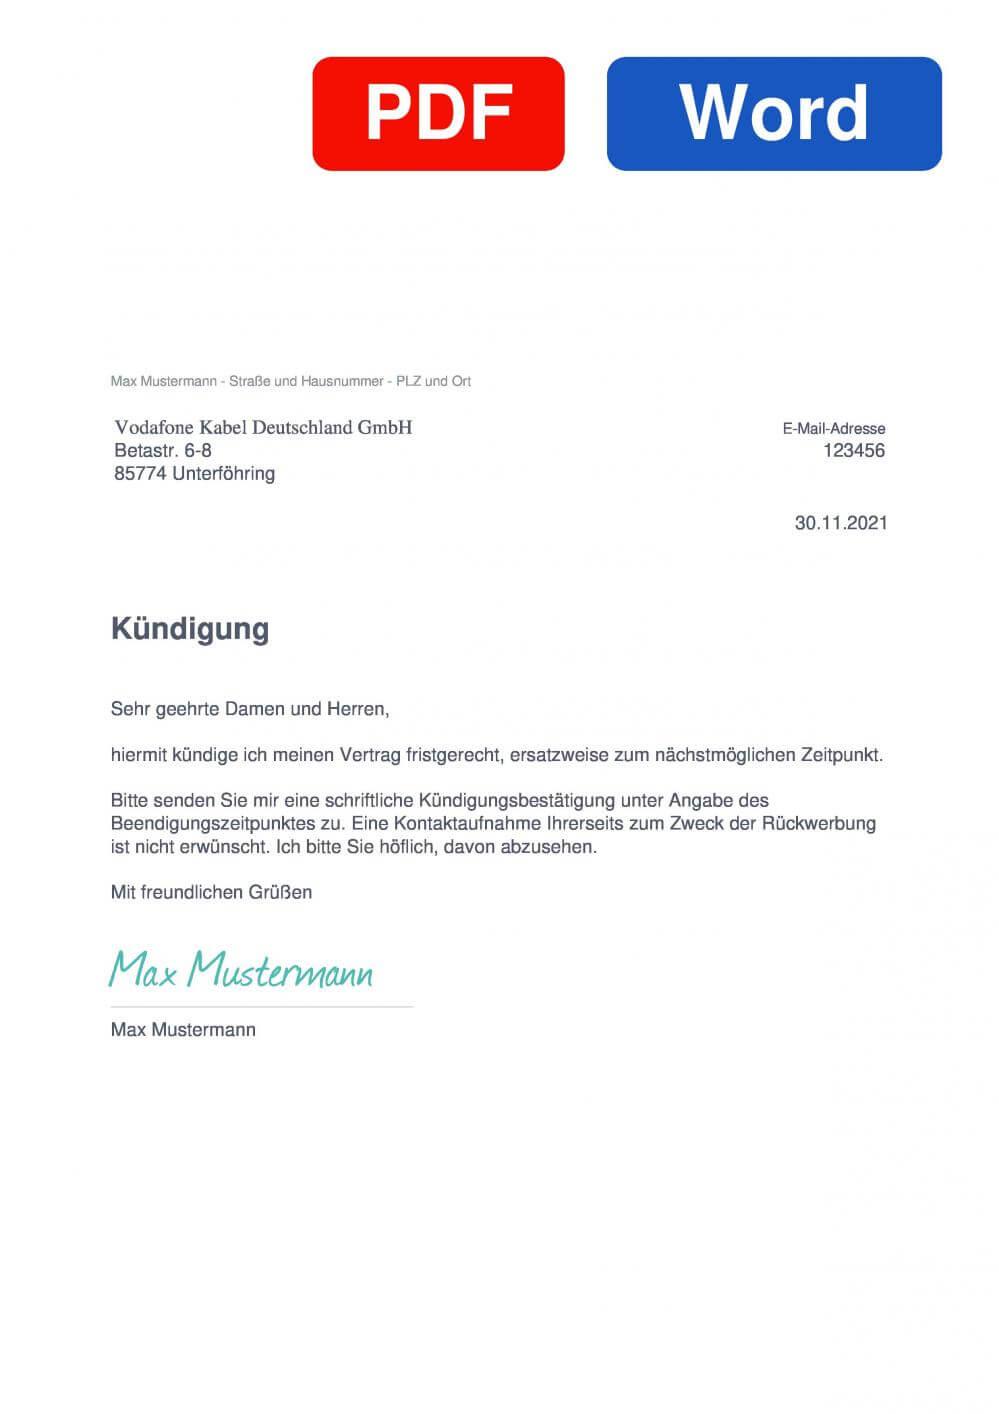 Vodafone Kabel Deutschland TV Muster Vorlage für Kündigungsschreiben